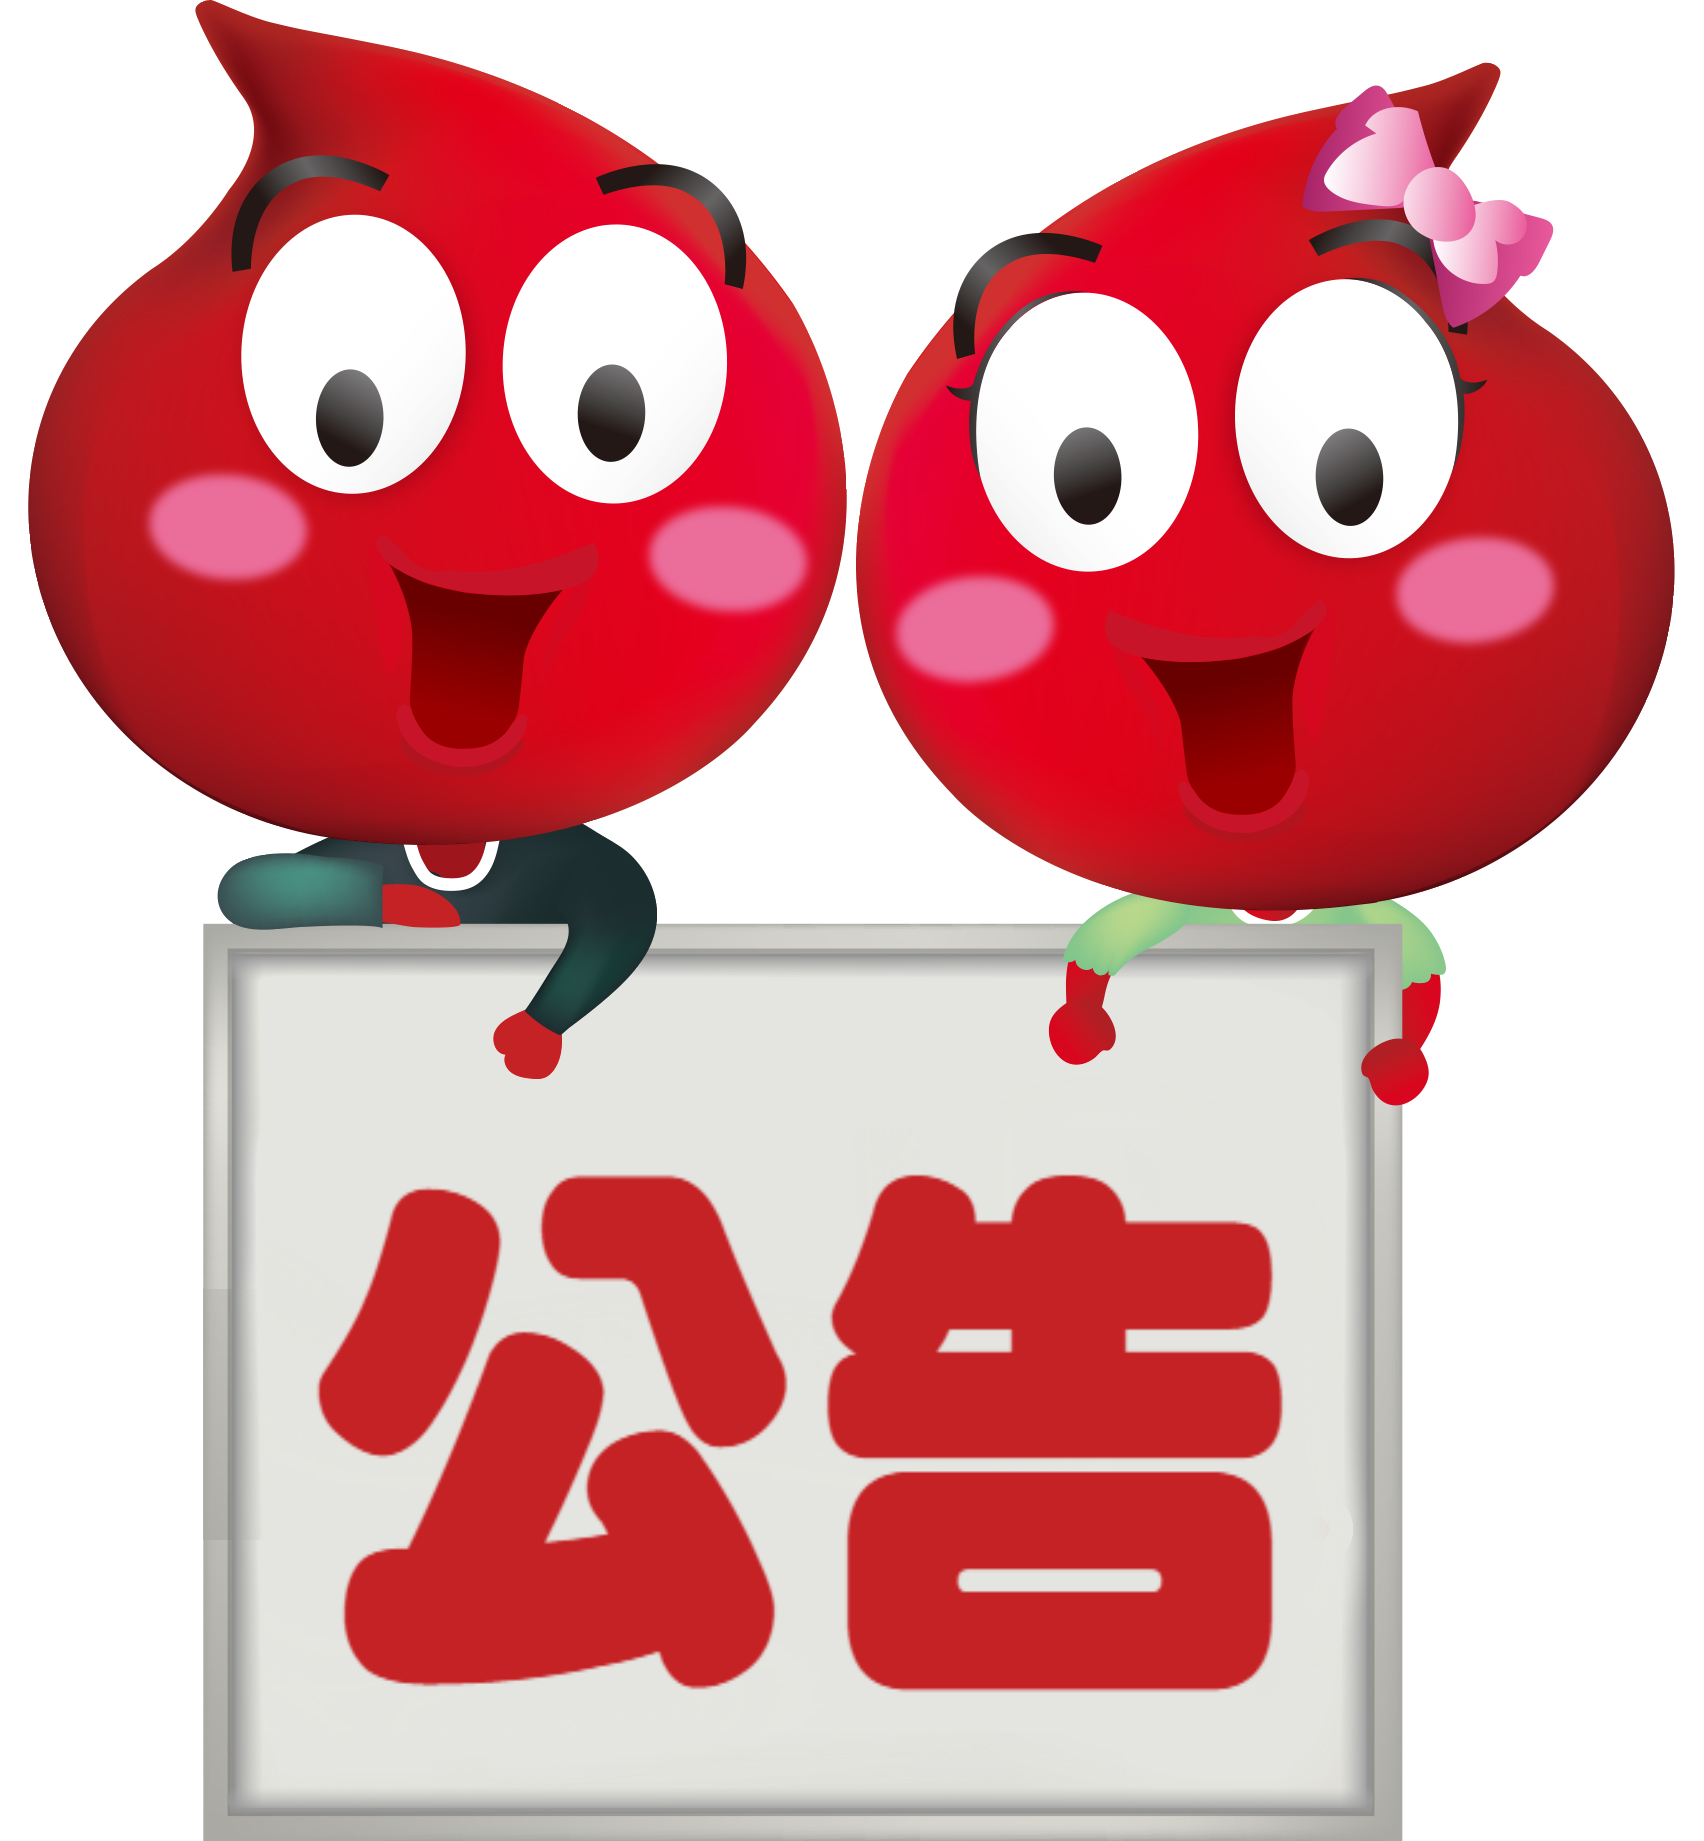 107年12月28日(五)捐血作業時間更改一天